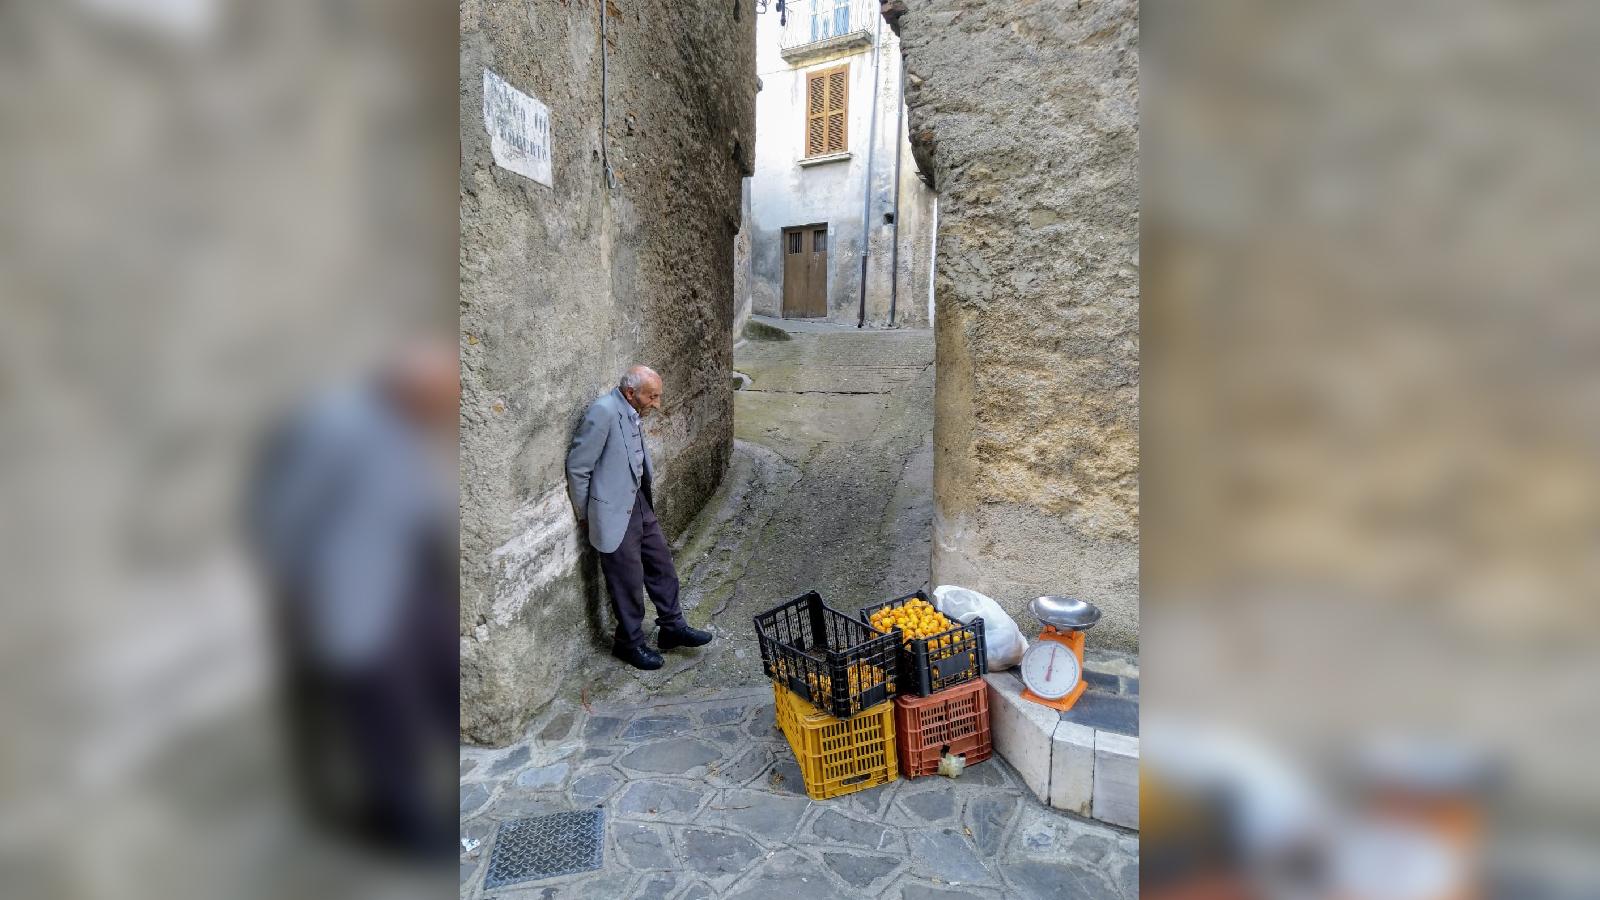 Il venditore di nespole di Francesco MangialavoriUno scatto nel borgo di Civita diventato fenomeno virale